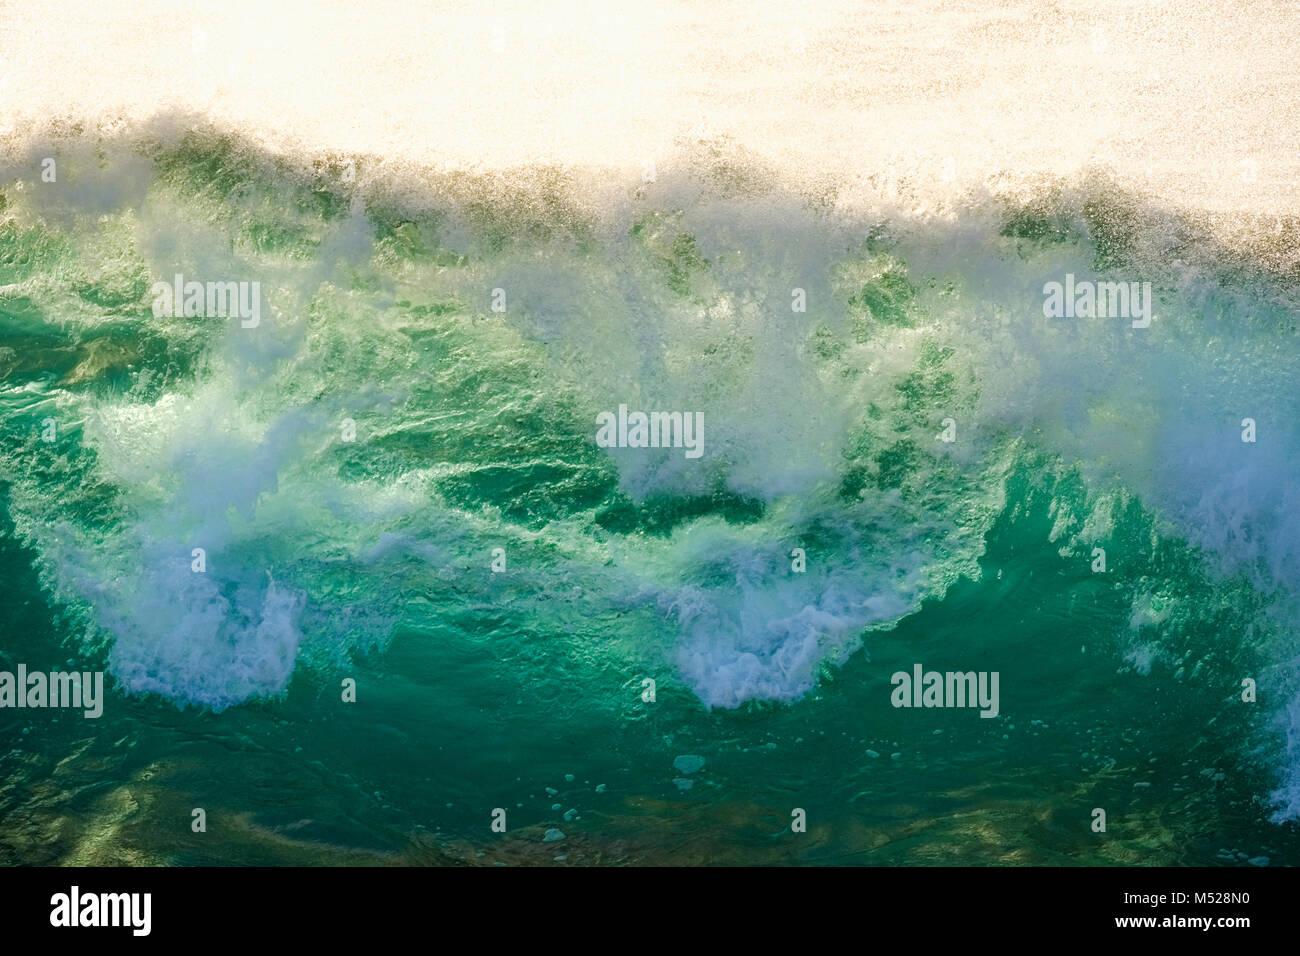 Ola rompiendo,Océano Atlántico, La Gomera, Islas Canarias, Islas Canarias, España Imagen De Stock